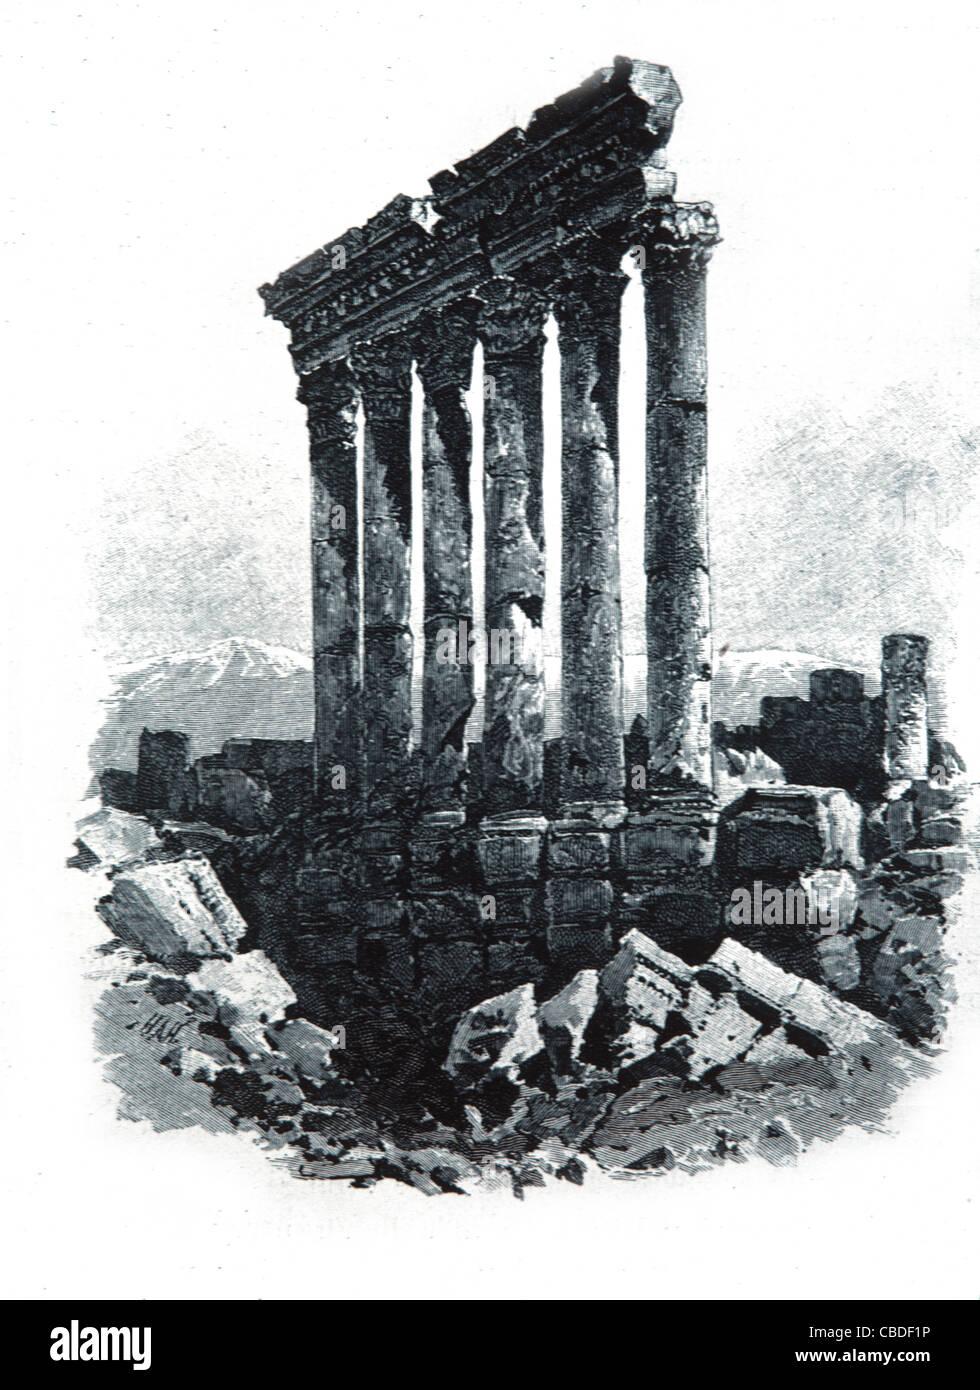 Tempio romano di Giove, Beqaa Valley, Baalbek, Libano. c incisione del XIX secolo. Immagini Stock